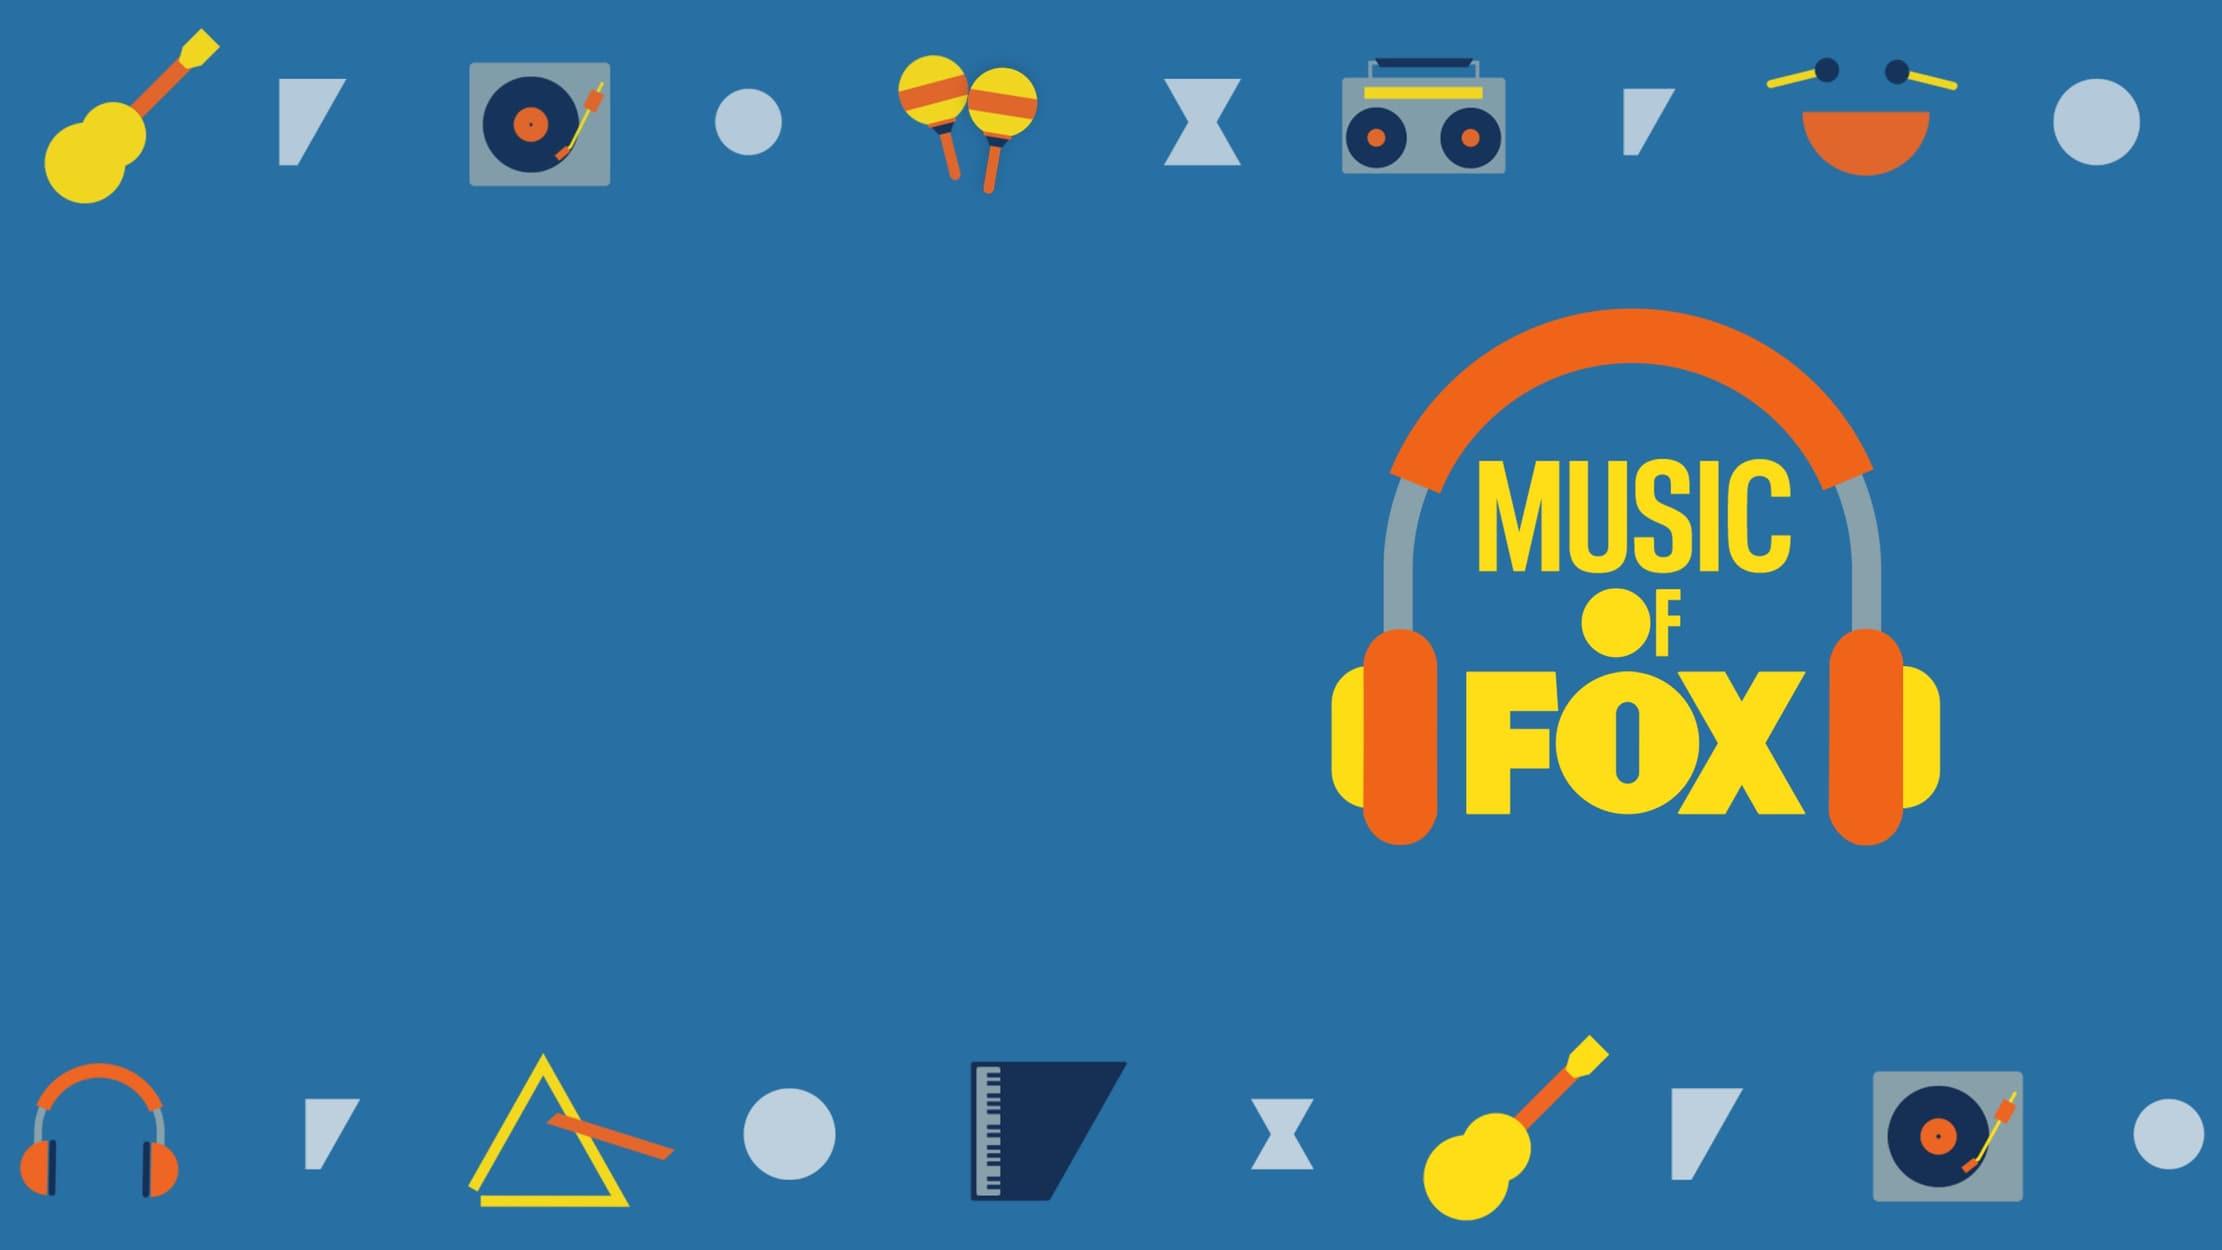 Music of Fox seriesDetail